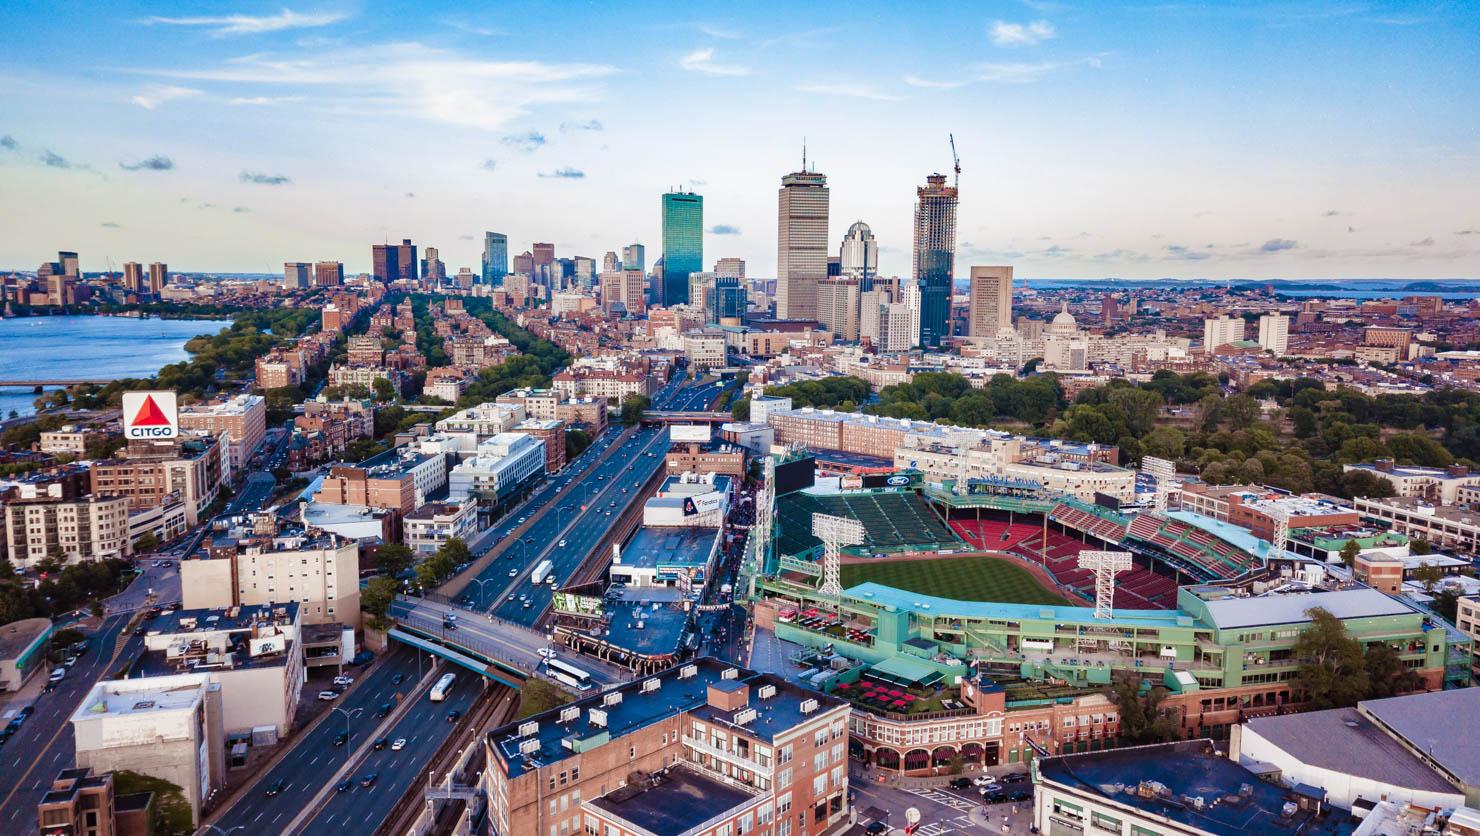 Boston cityscape